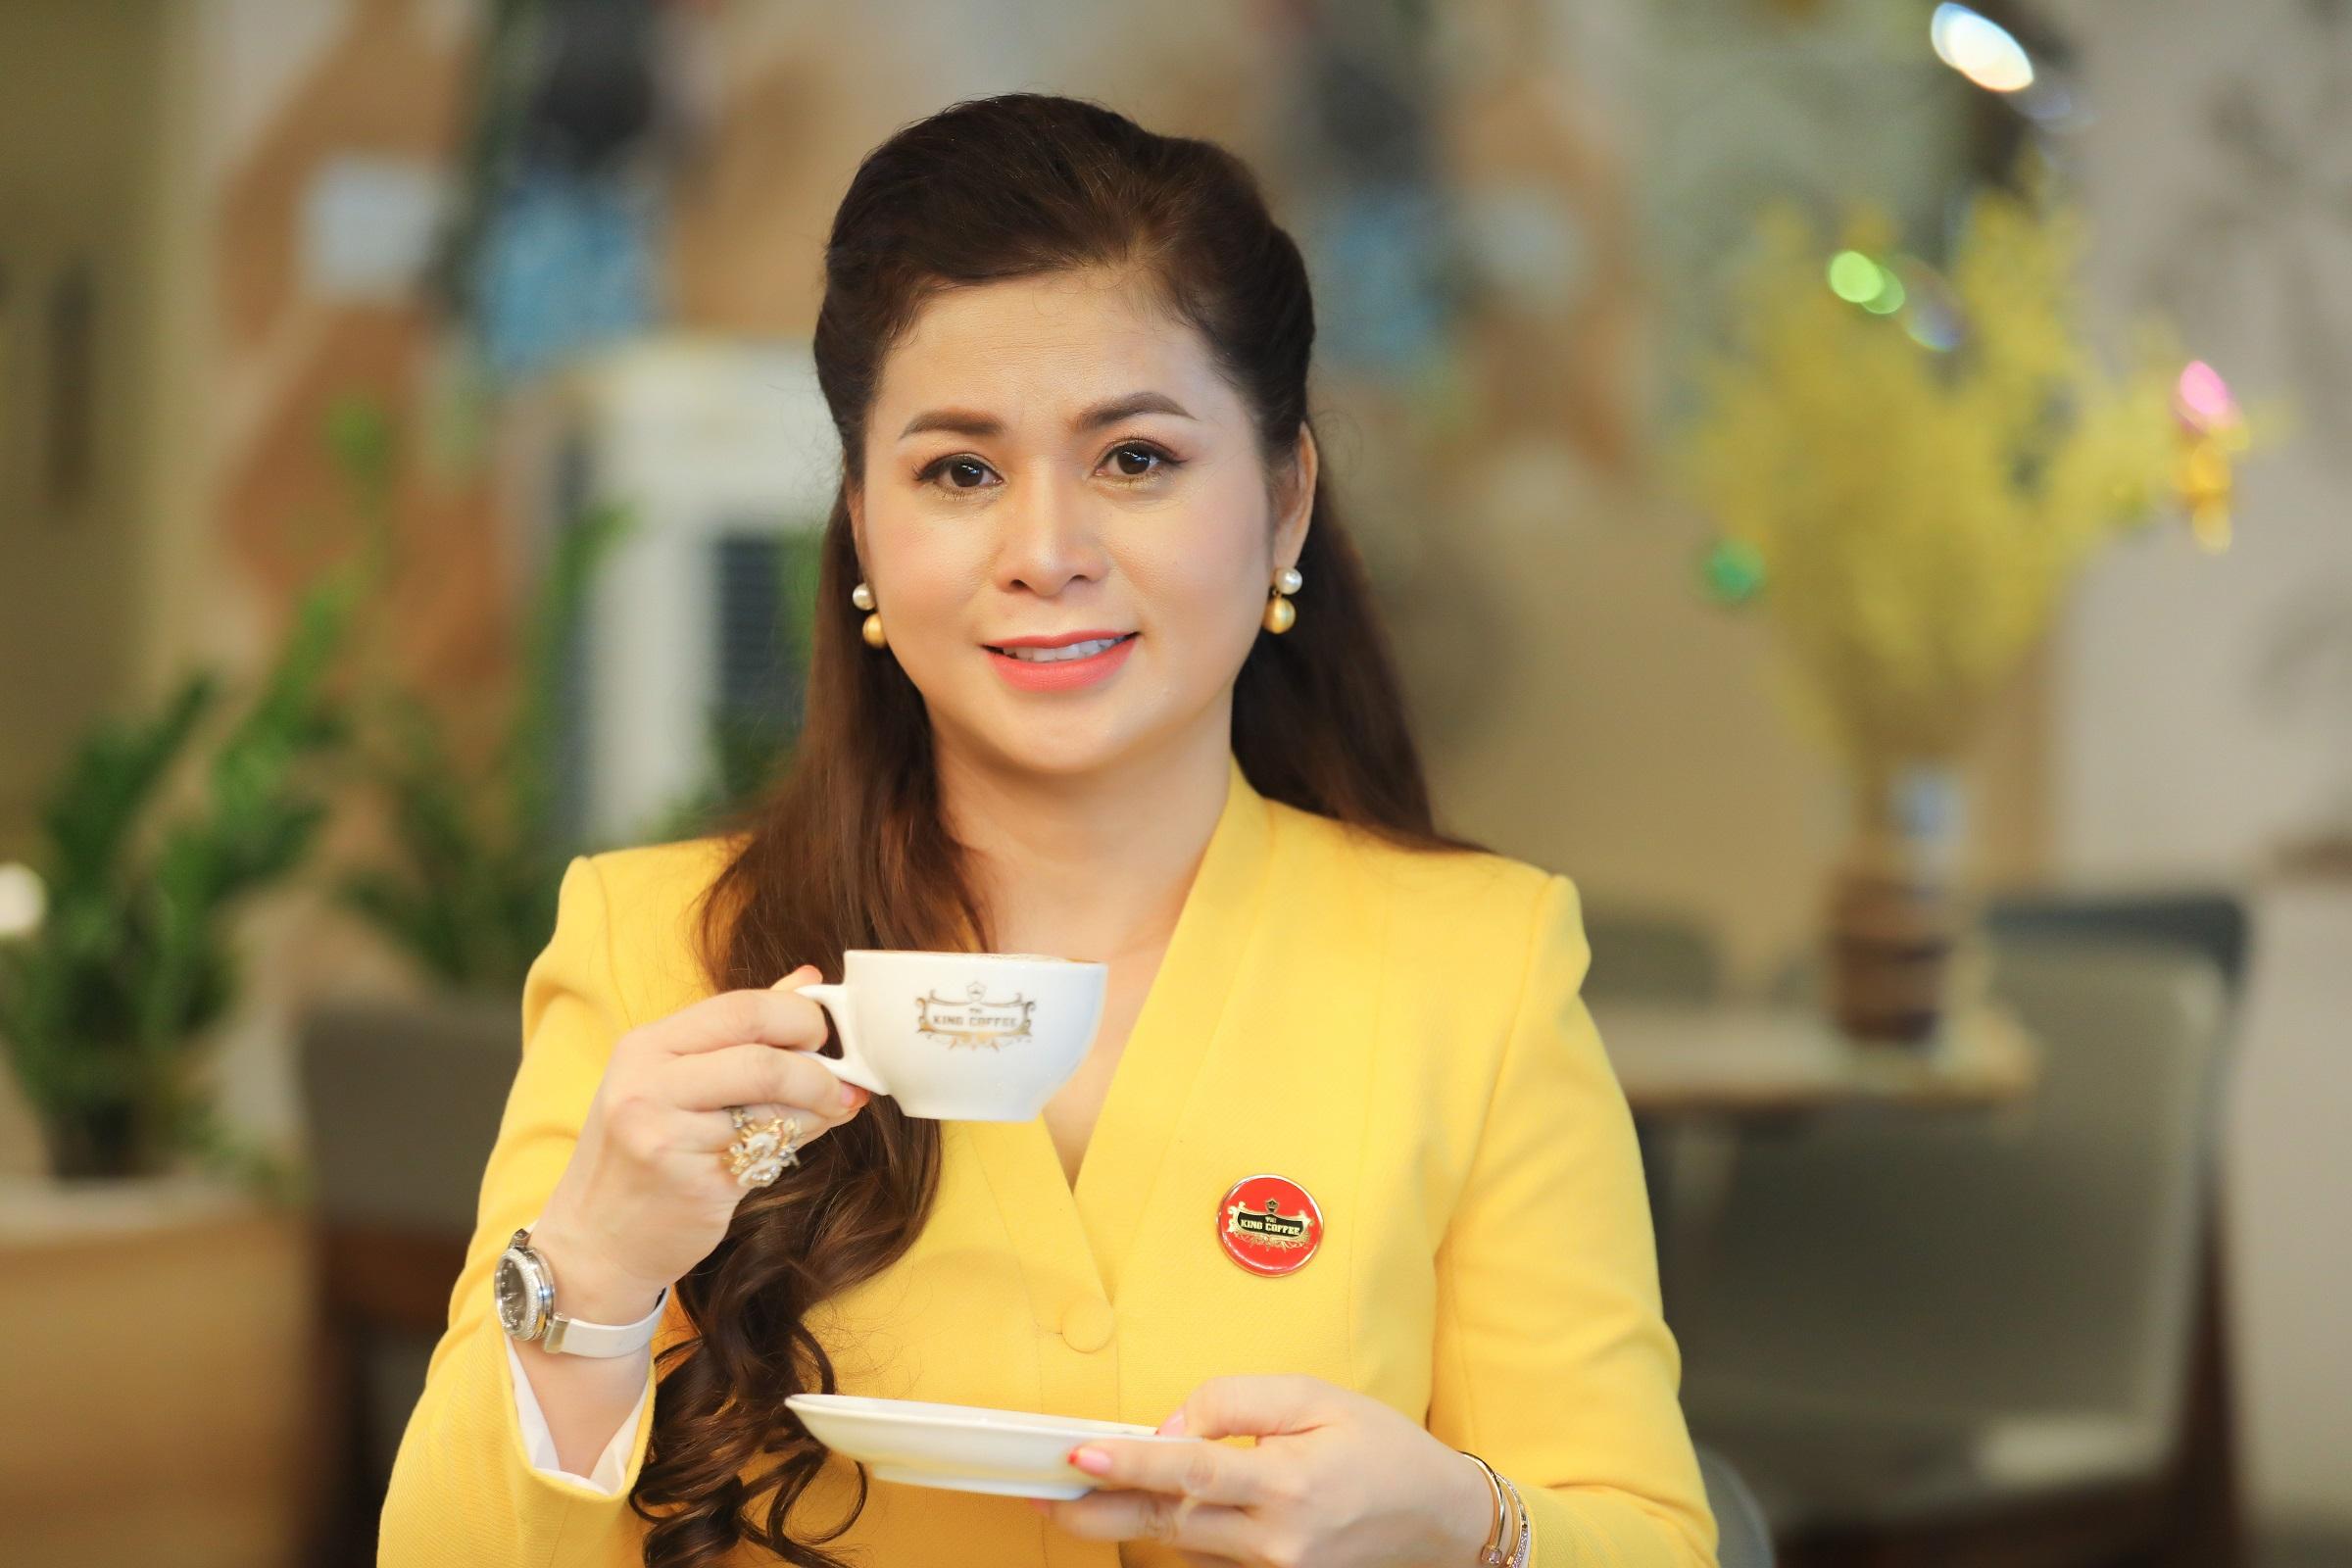 Bà Lê Hoàng Diệp Thảo - CEO King Coffee. Ảnh: Quỳnh Trần.